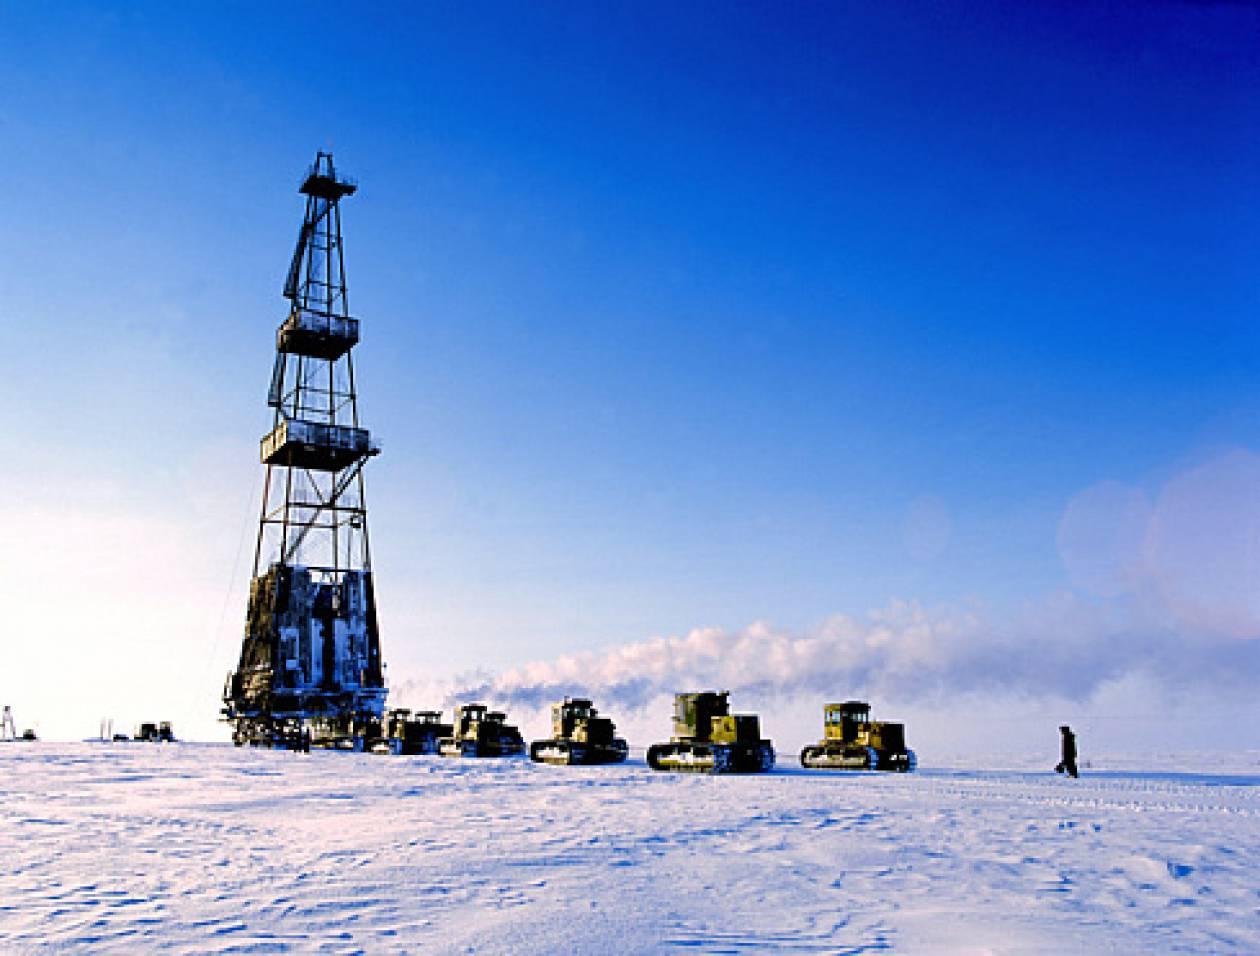 Ανοίγει ο δρόμος για την ενεργειακή εκμετάλλευση της Αρκτικής